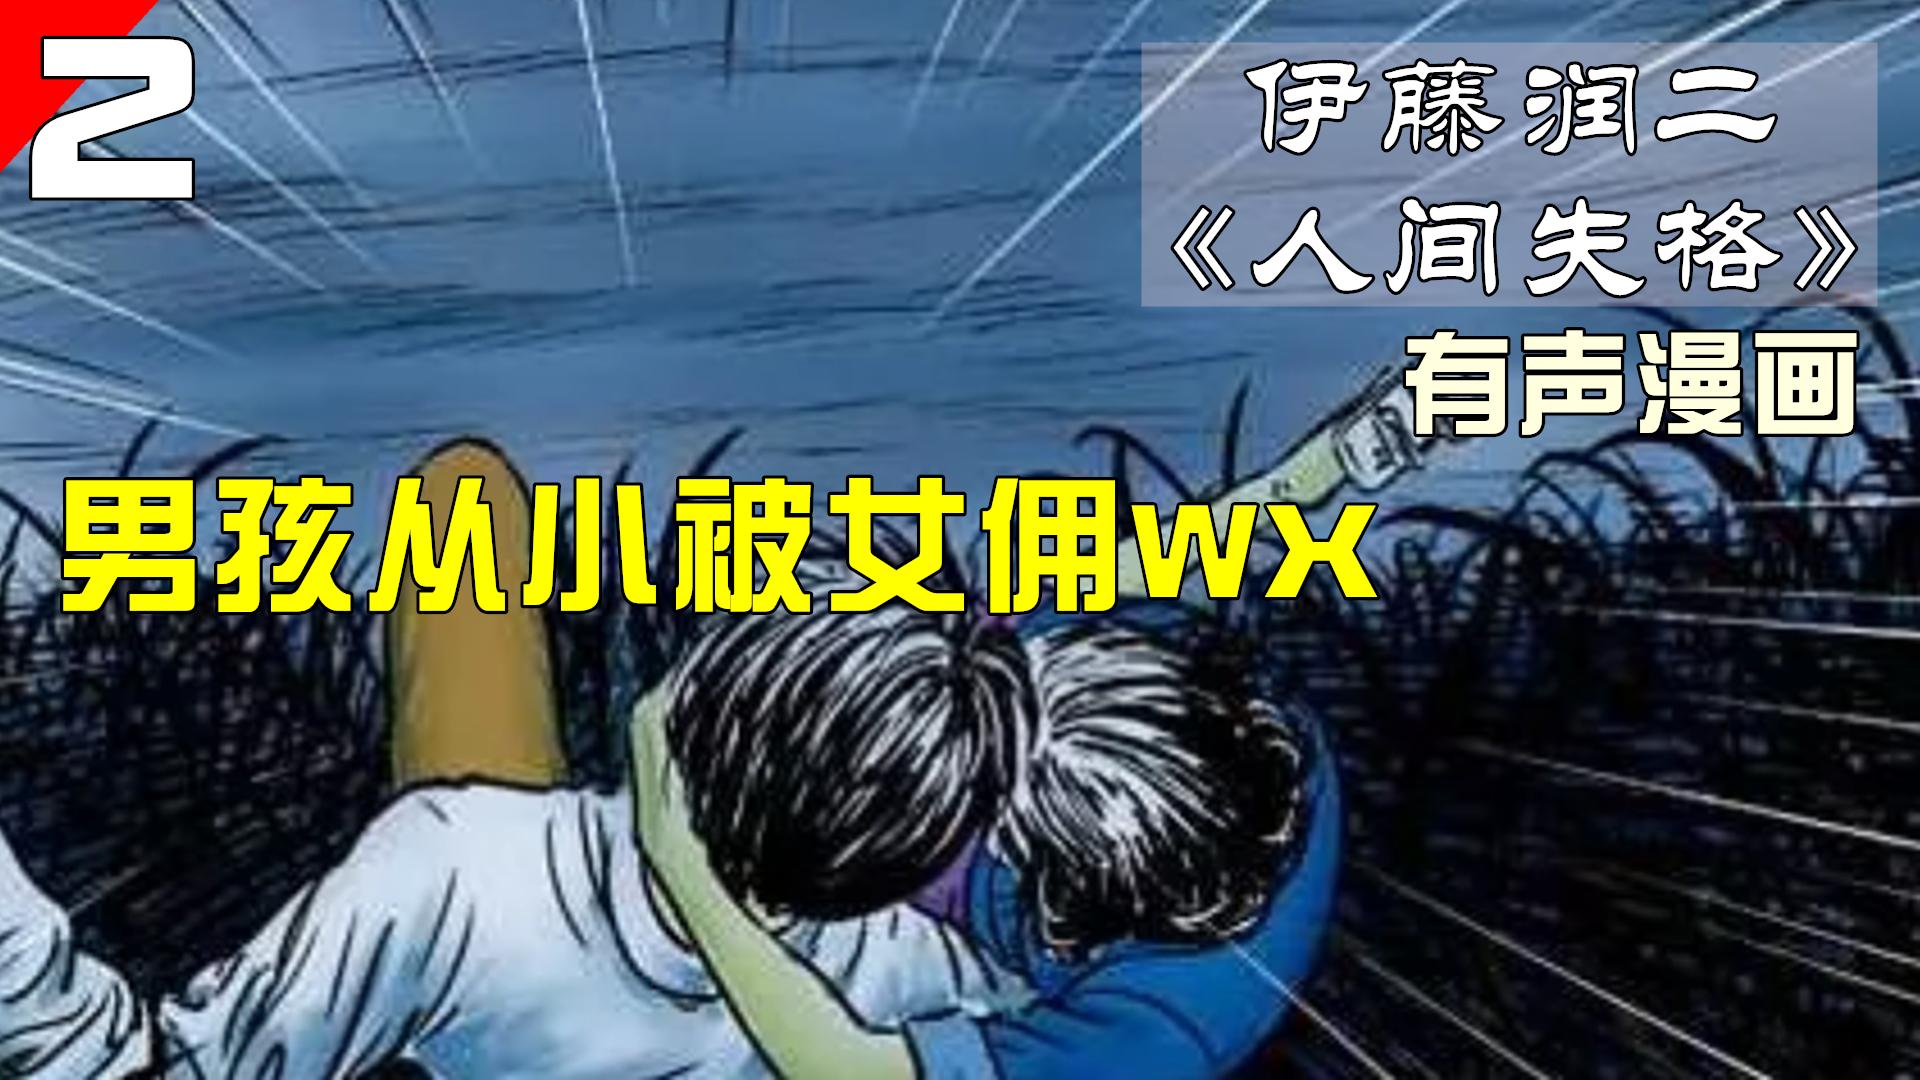 伊藤润二有声漫画,男孩从小就遭遇女佣欺凌,《人间失格》第二集